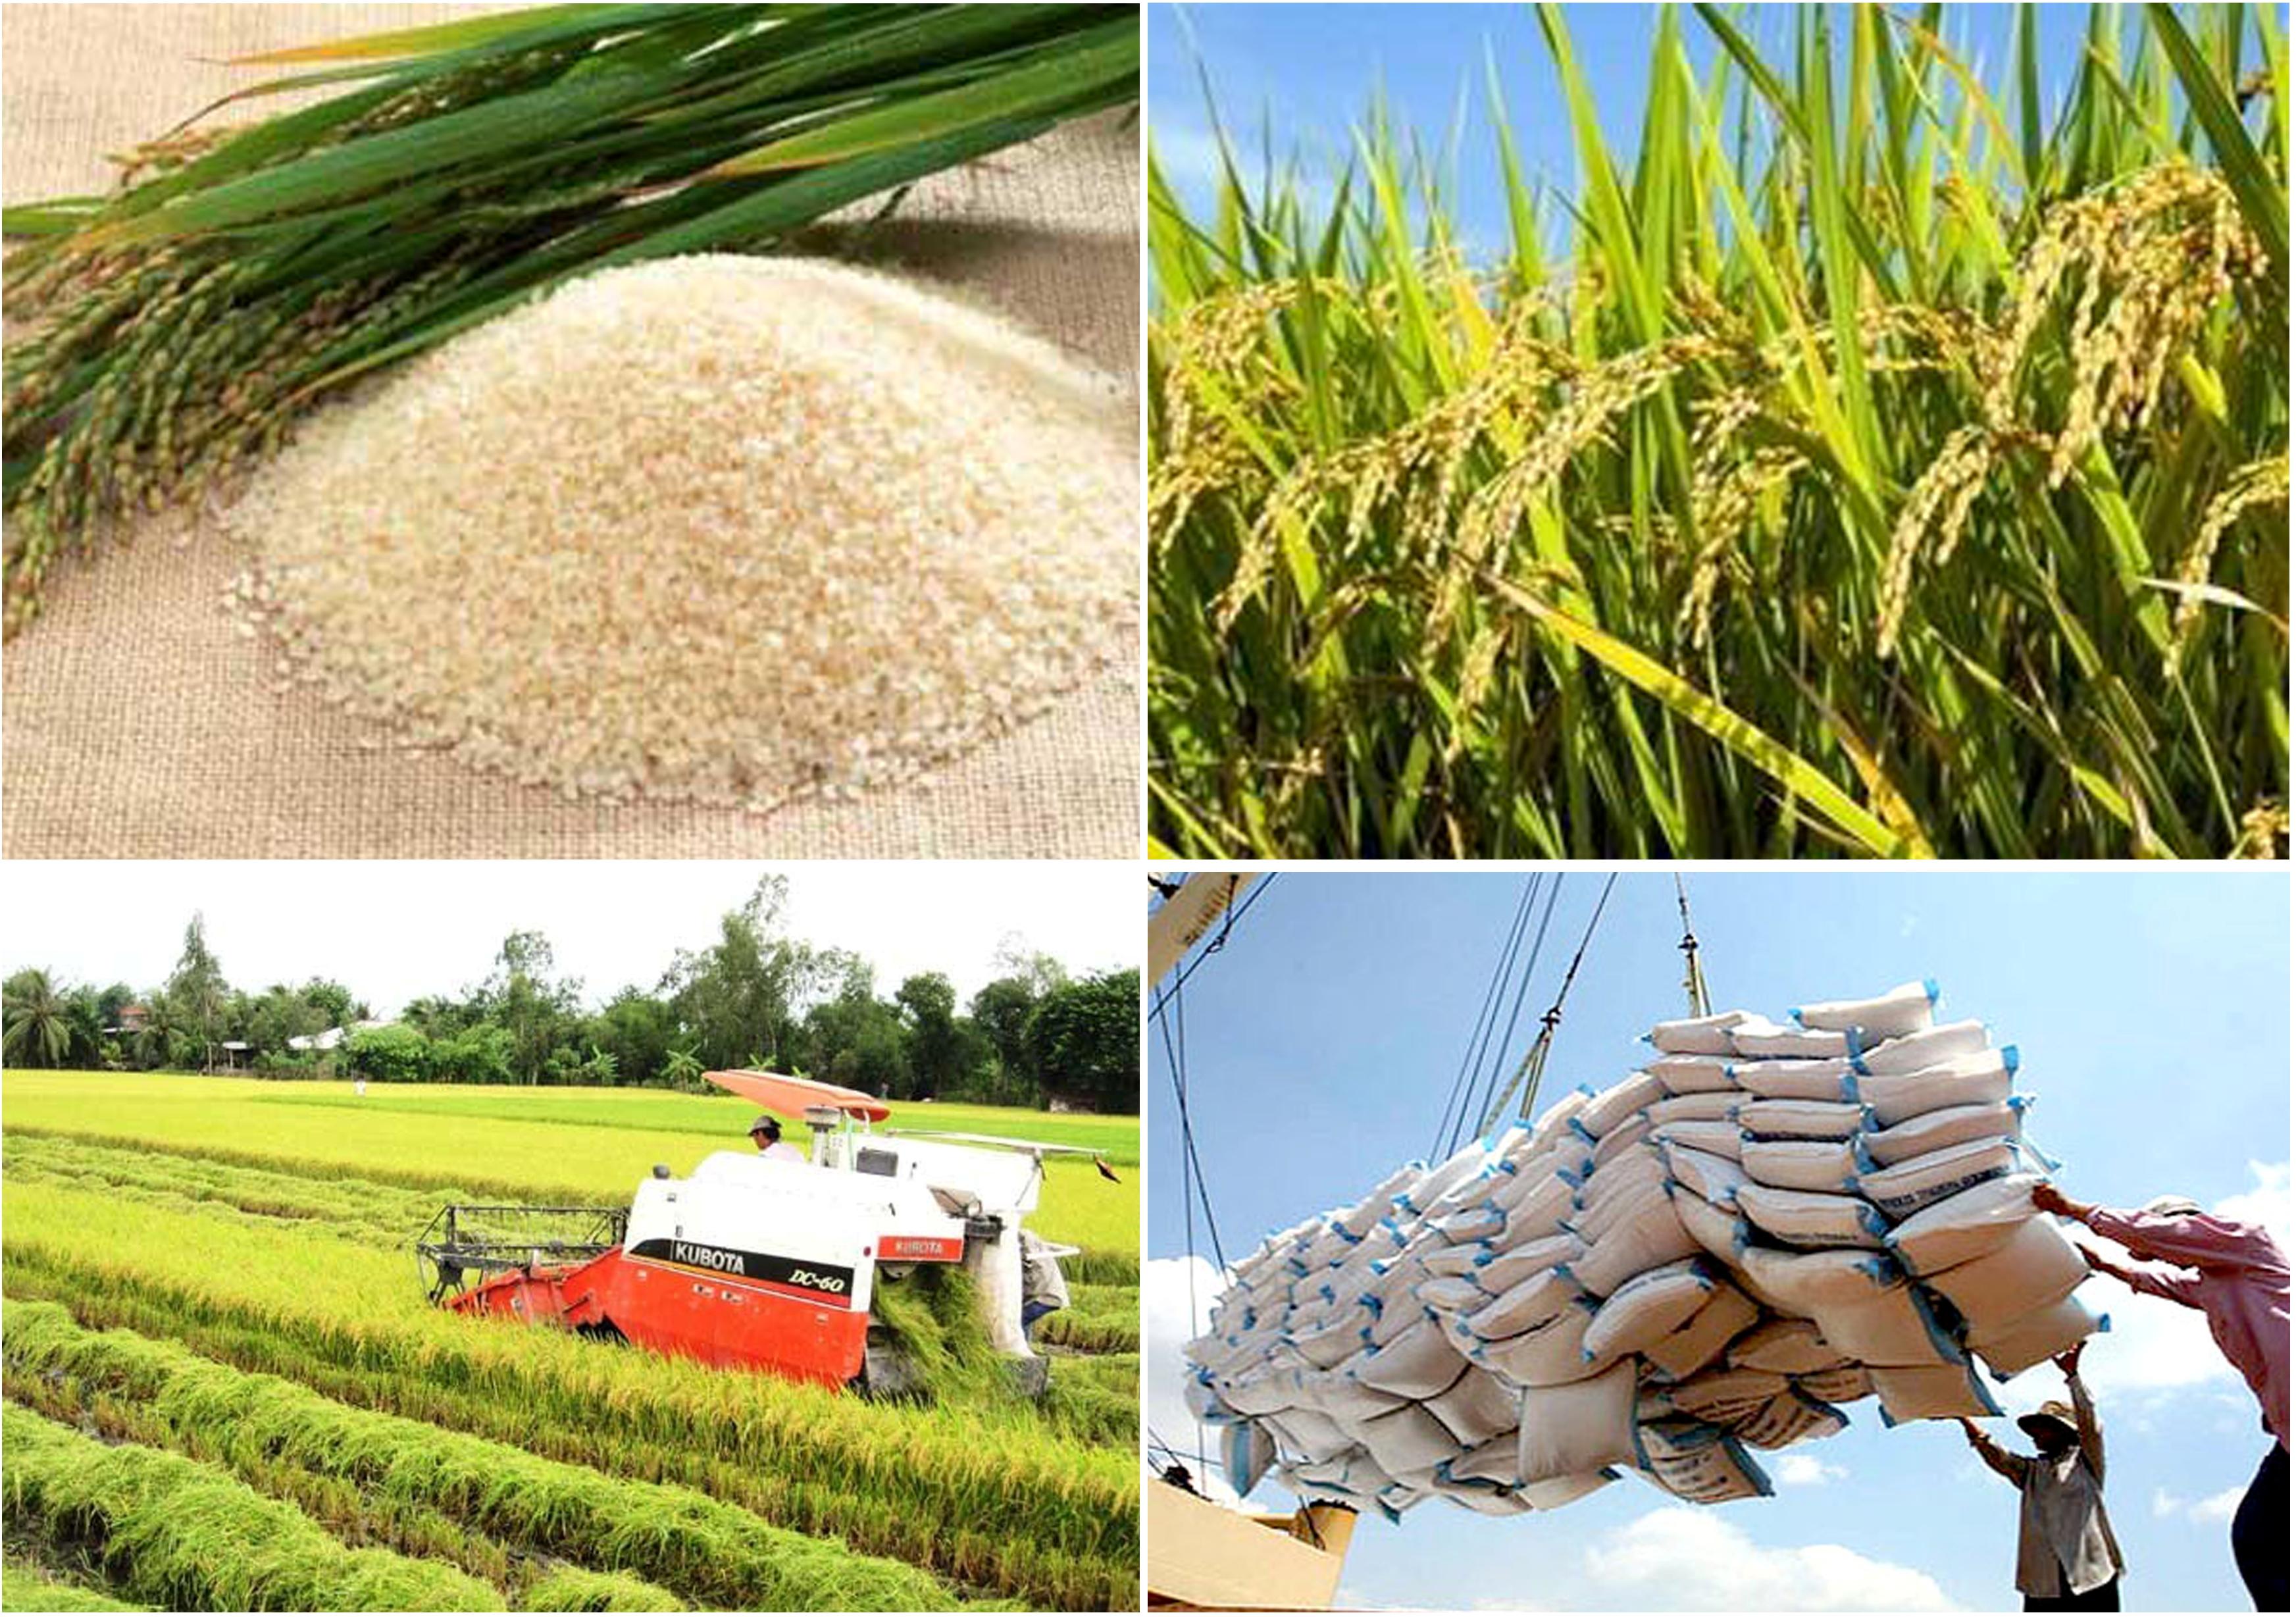 Tích cực triển khai Đề án phát triển thương hiệu gạo Việt Nam